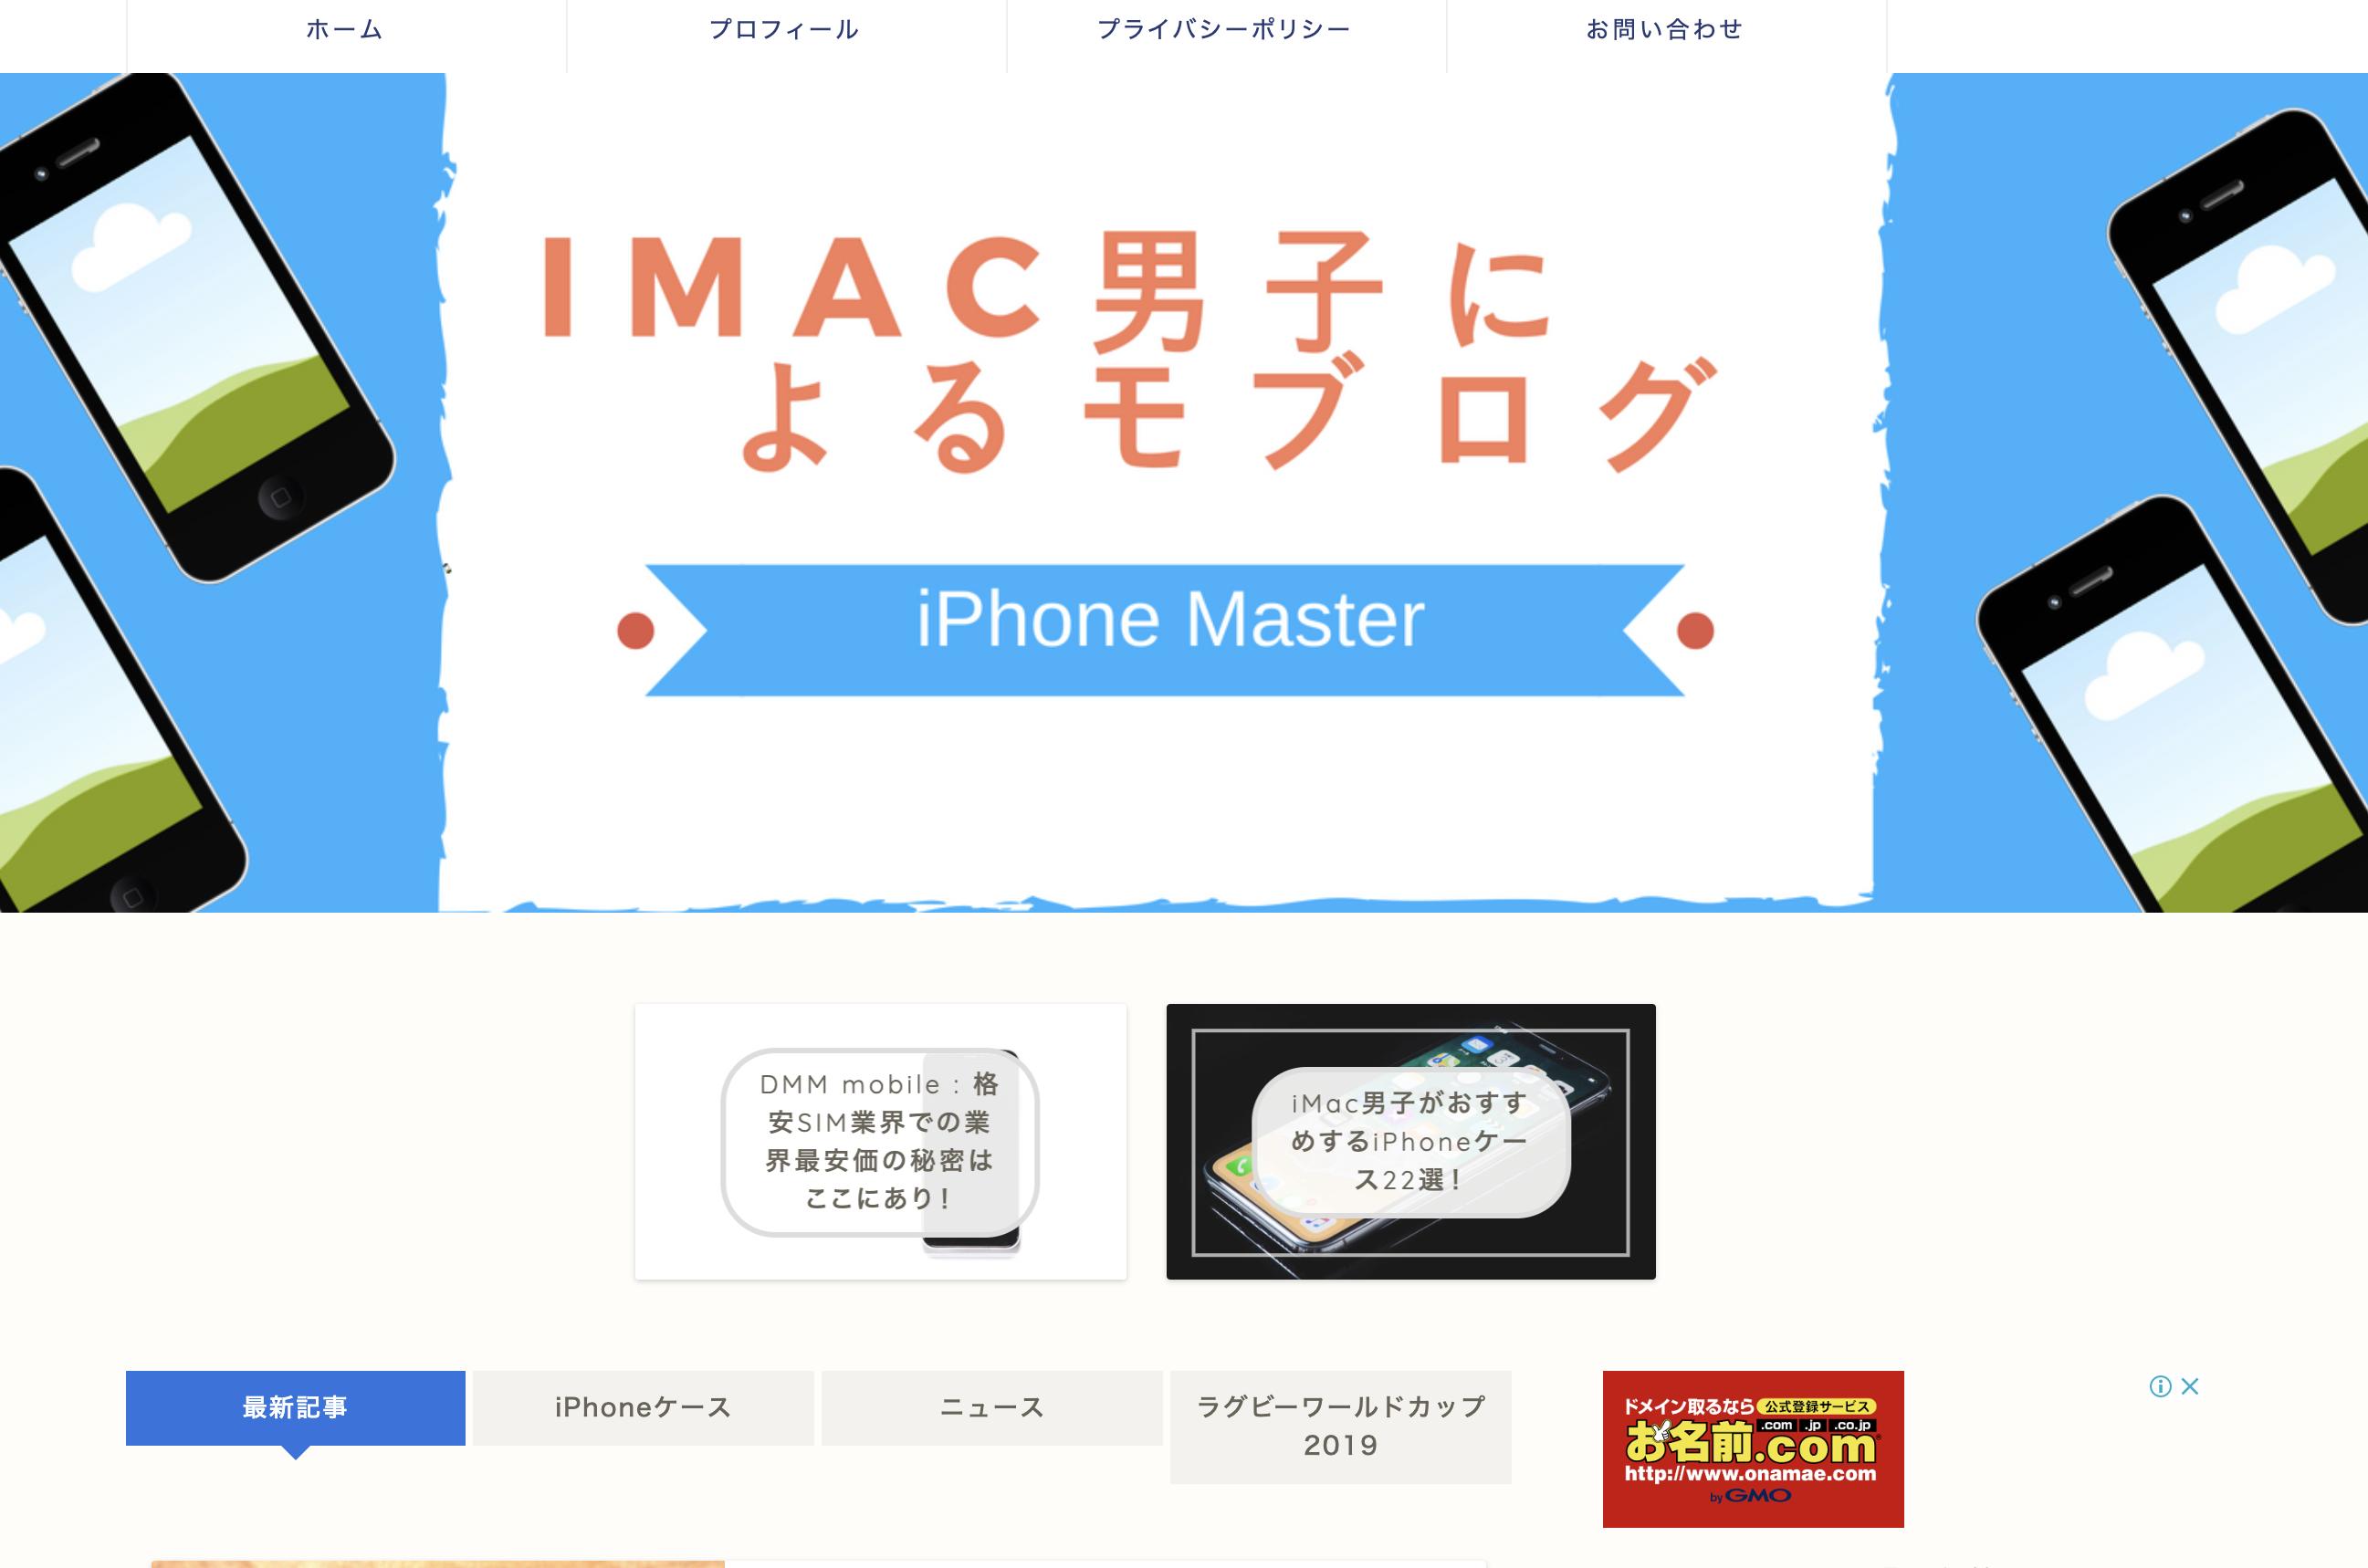 iMac男子によるモブログ